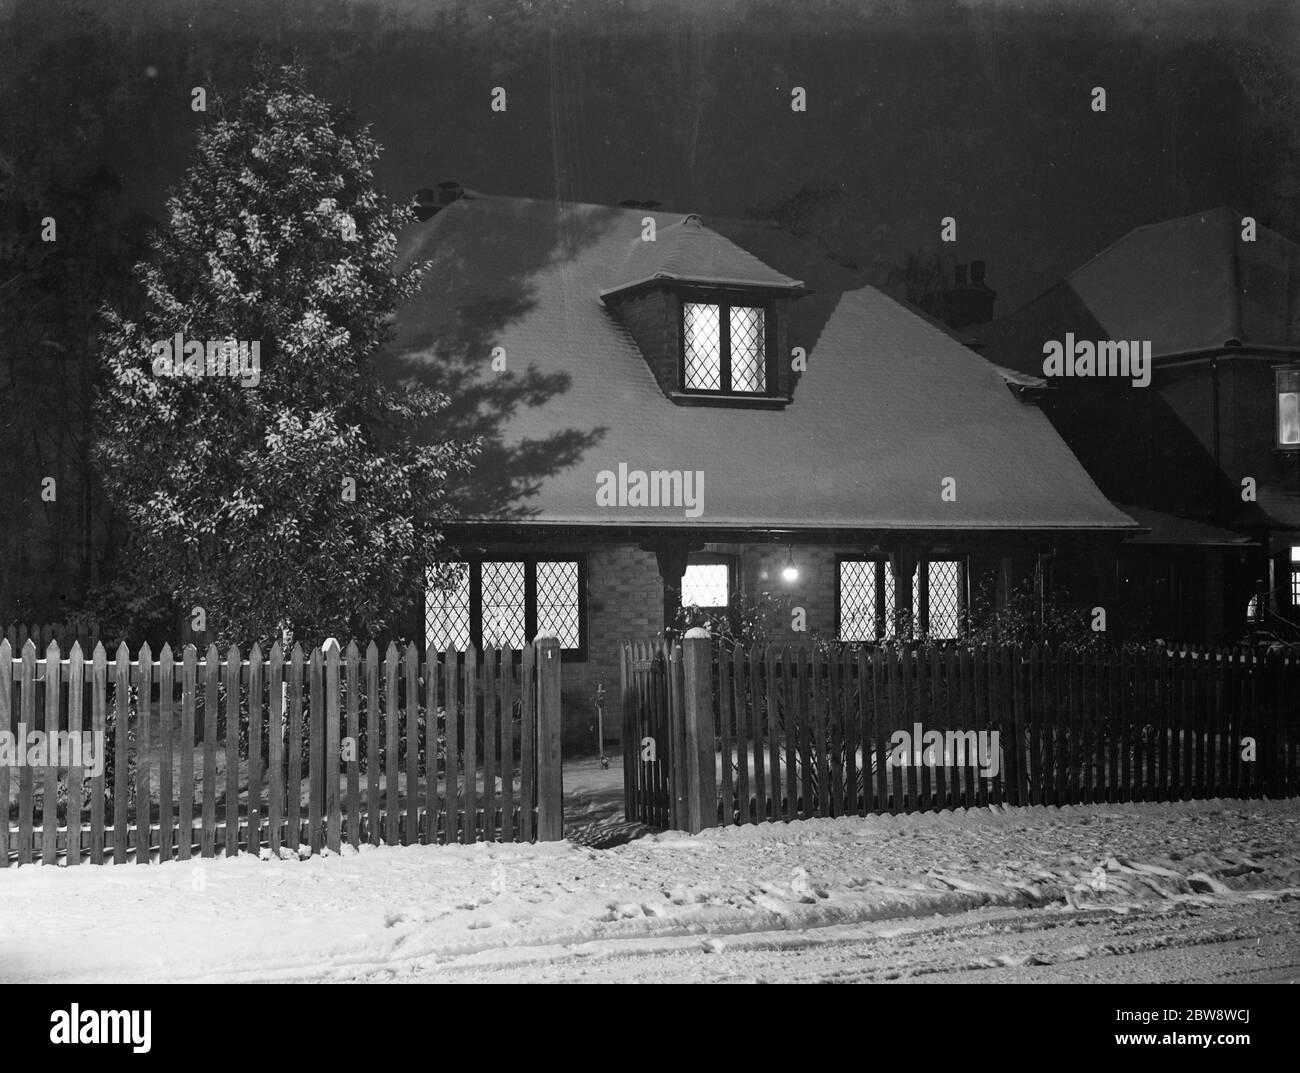 La Casa , nr 1 en Birchwood Avenue , Sidcup , Kent , cubierta de nieve. Diciembre de 1938 Foto de stock